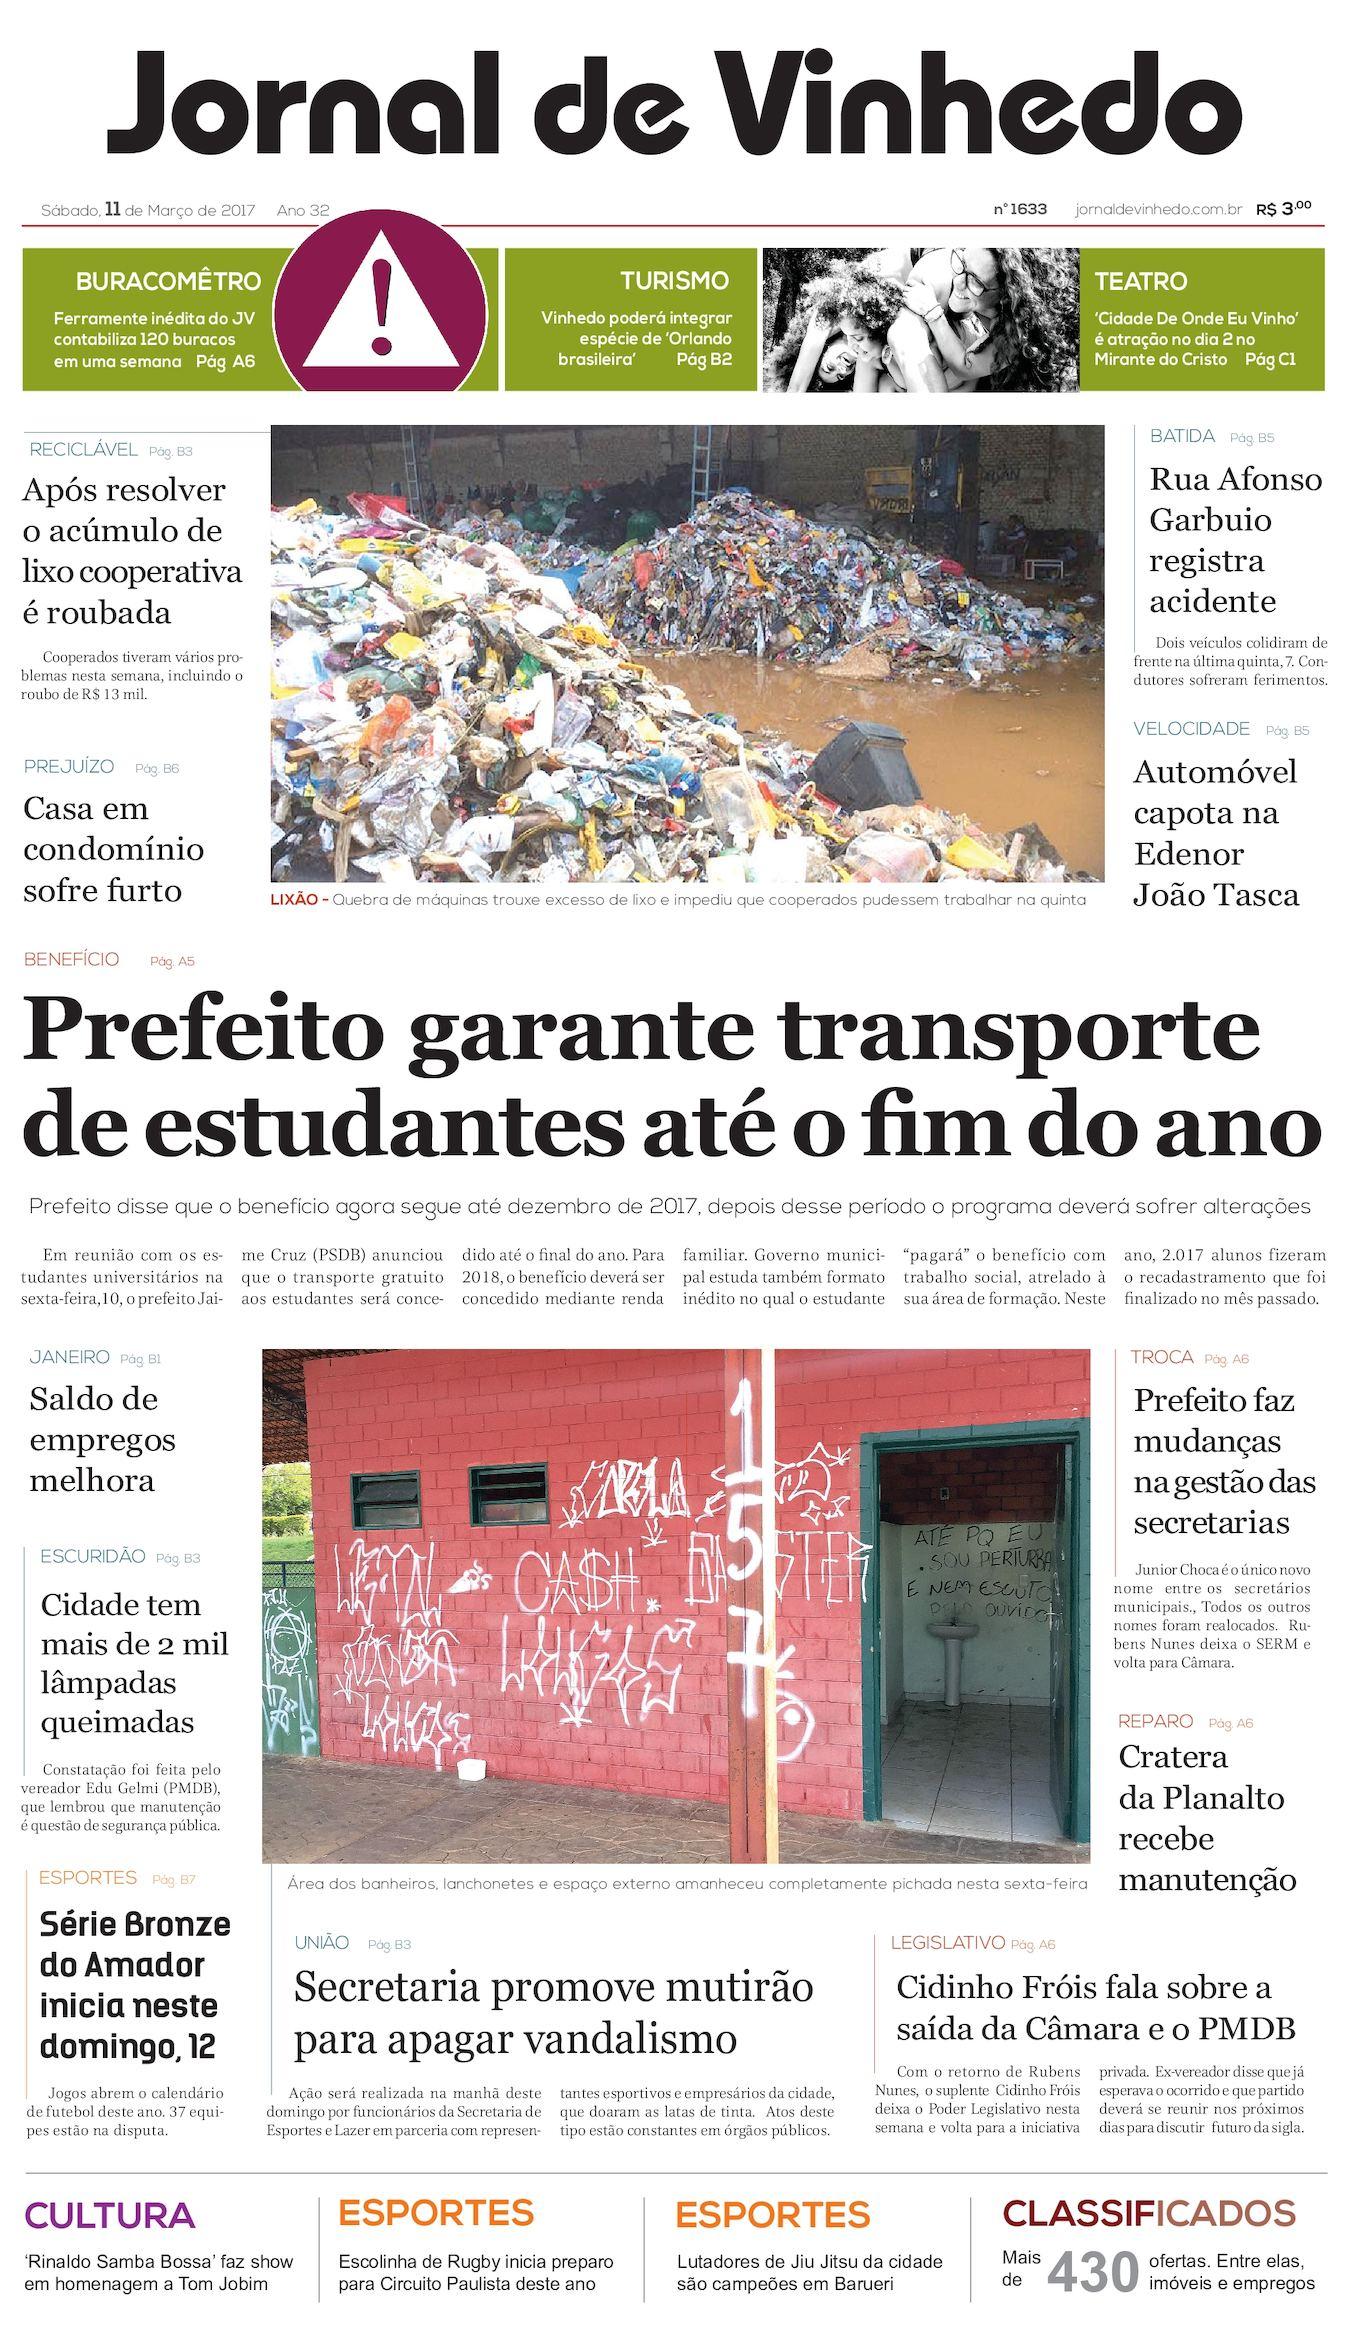 85143a1c3e Calaméo - Jornal De Vinhedo Sabado 11 De Março De 2017 Edic 1633